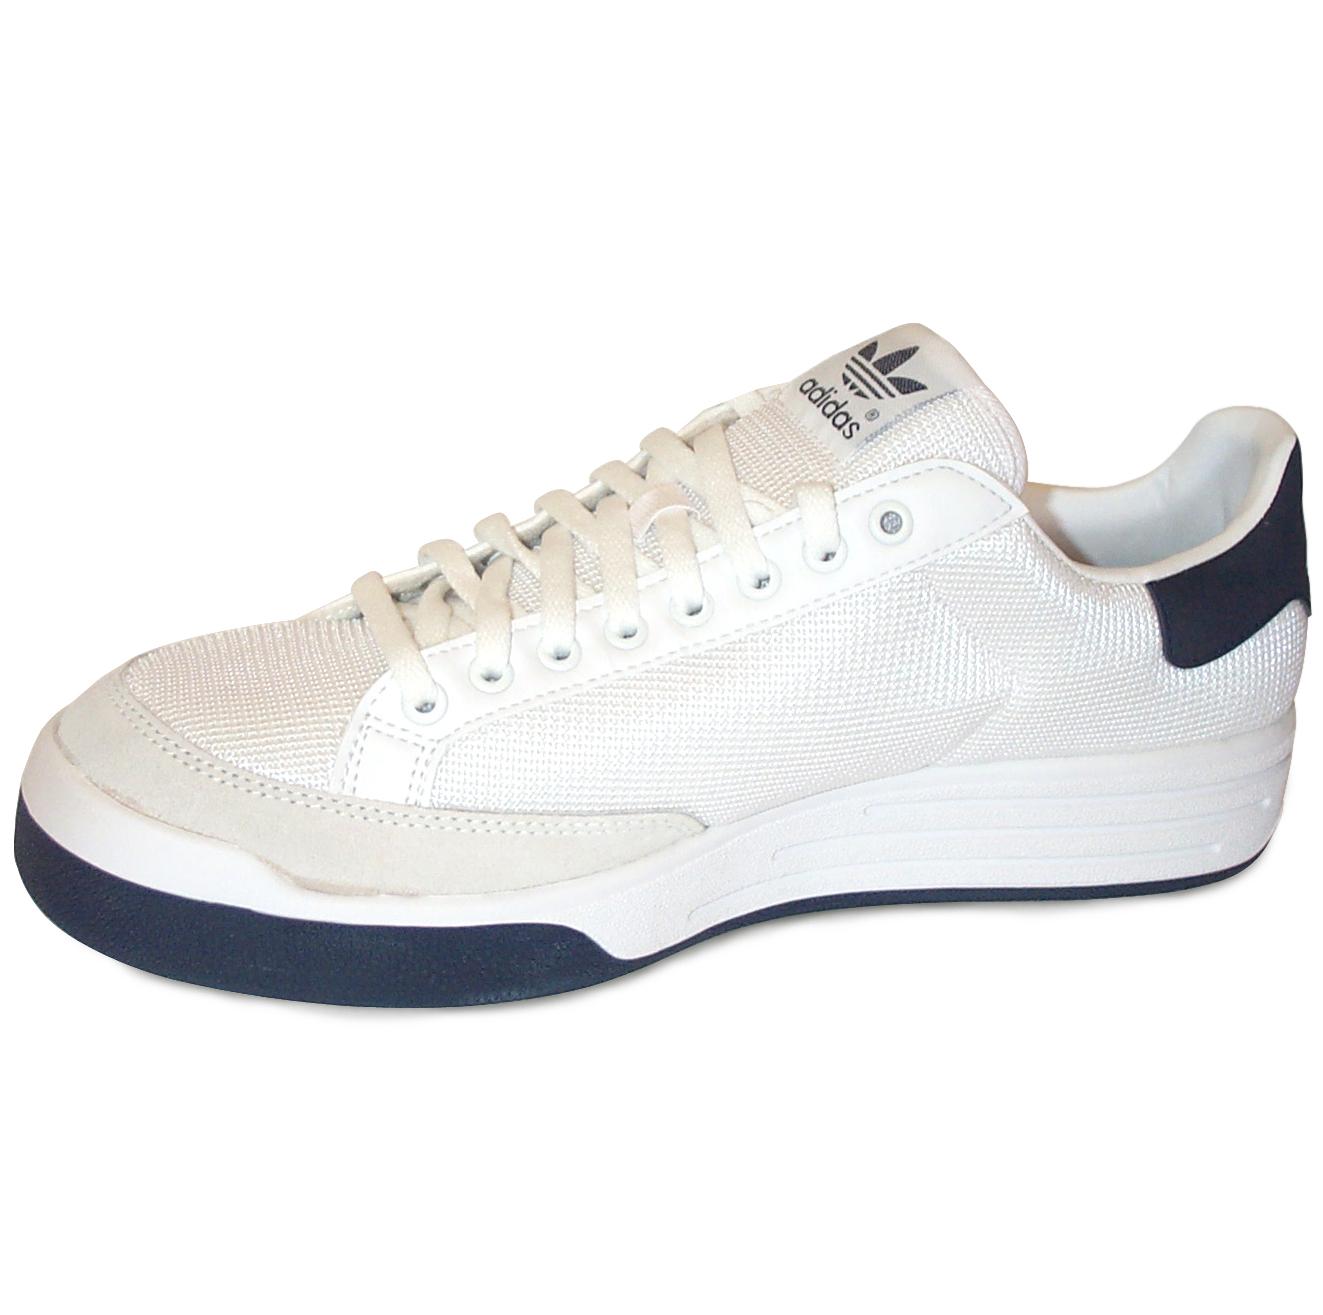 adidas rod laver white:navy OVHUXCU